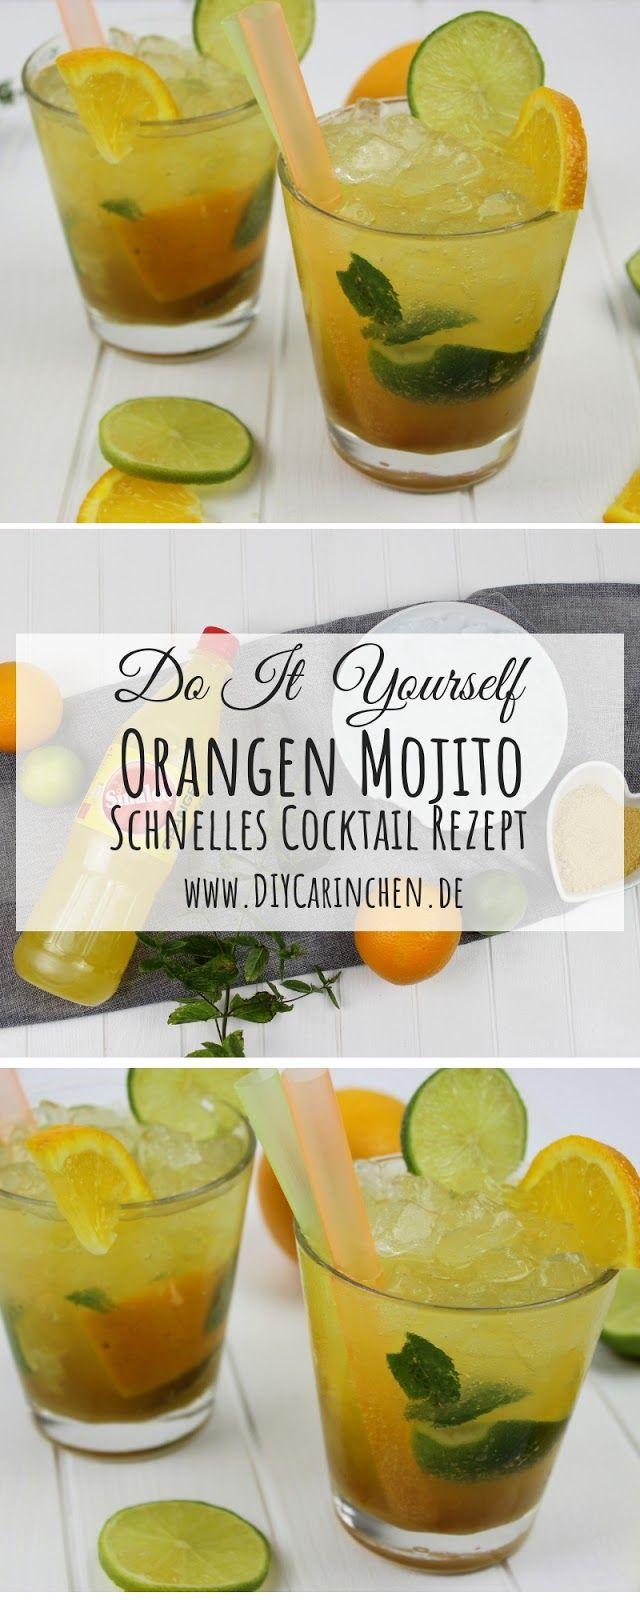 Einfaches Rezept: Super leckerer Orangen Mojito Cocktail schnell gemacht #nonalcoholicbeverages